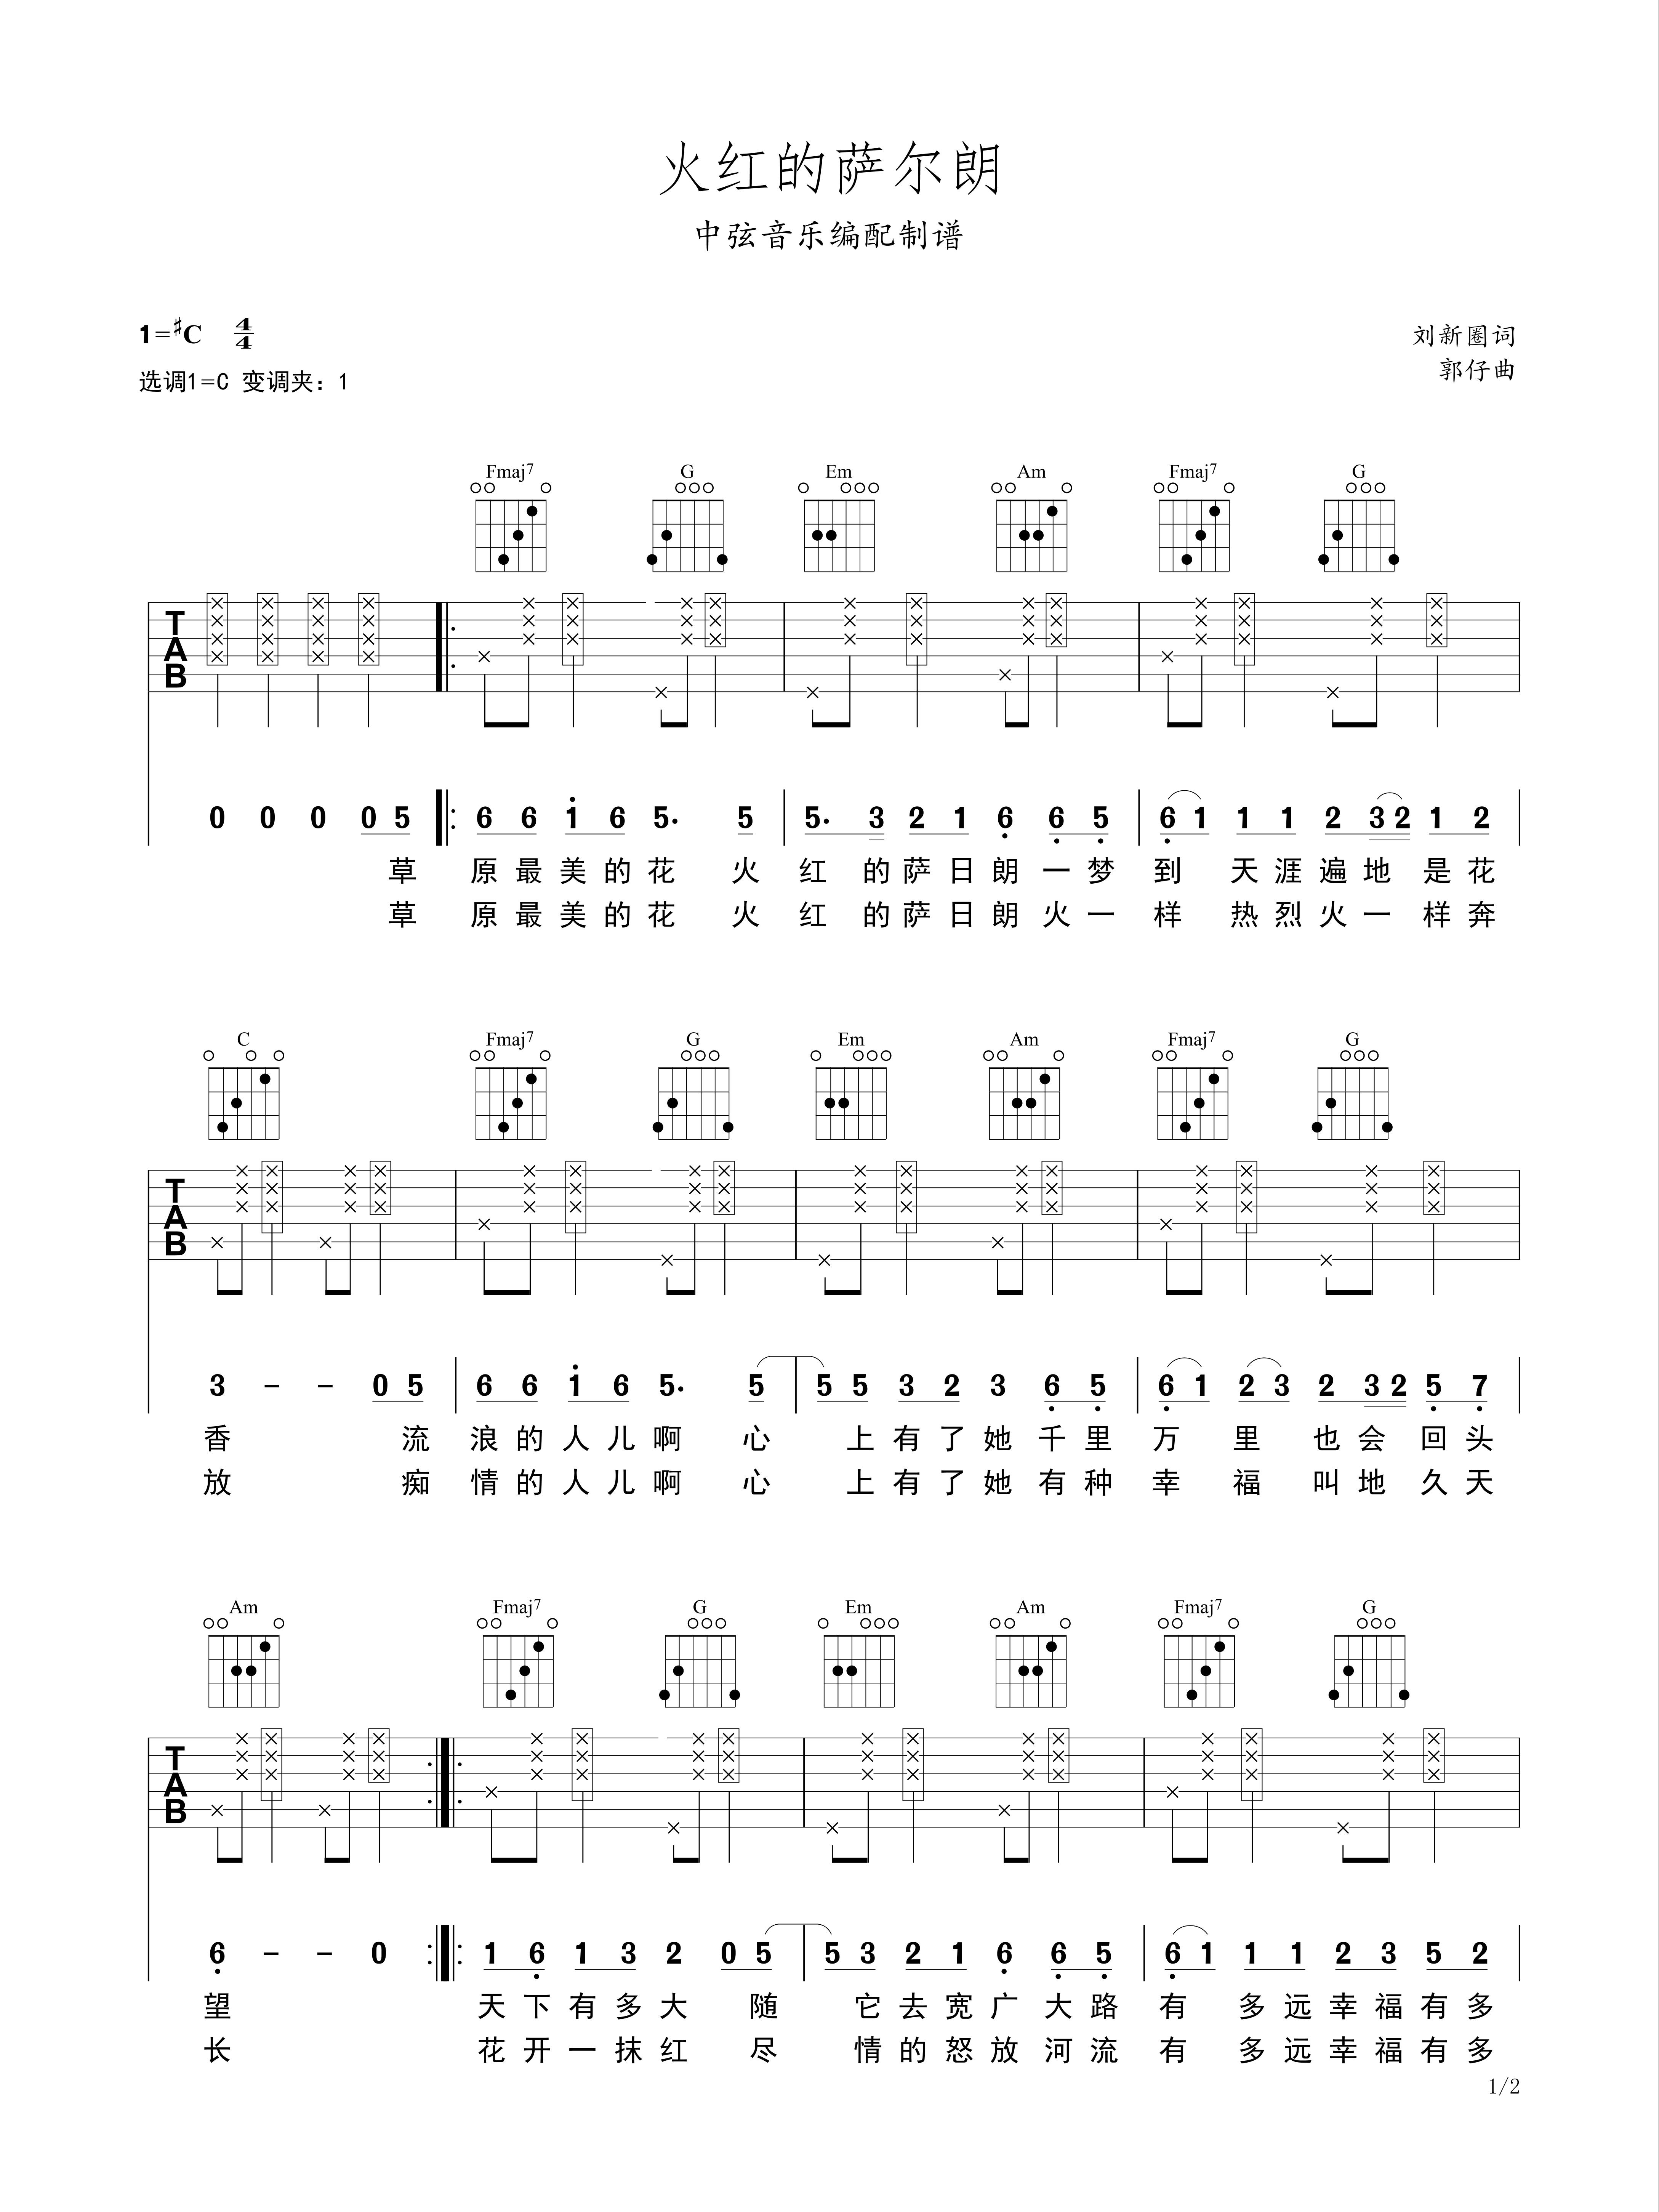 萨日朗曲谱_火红的萨日朗曲谱